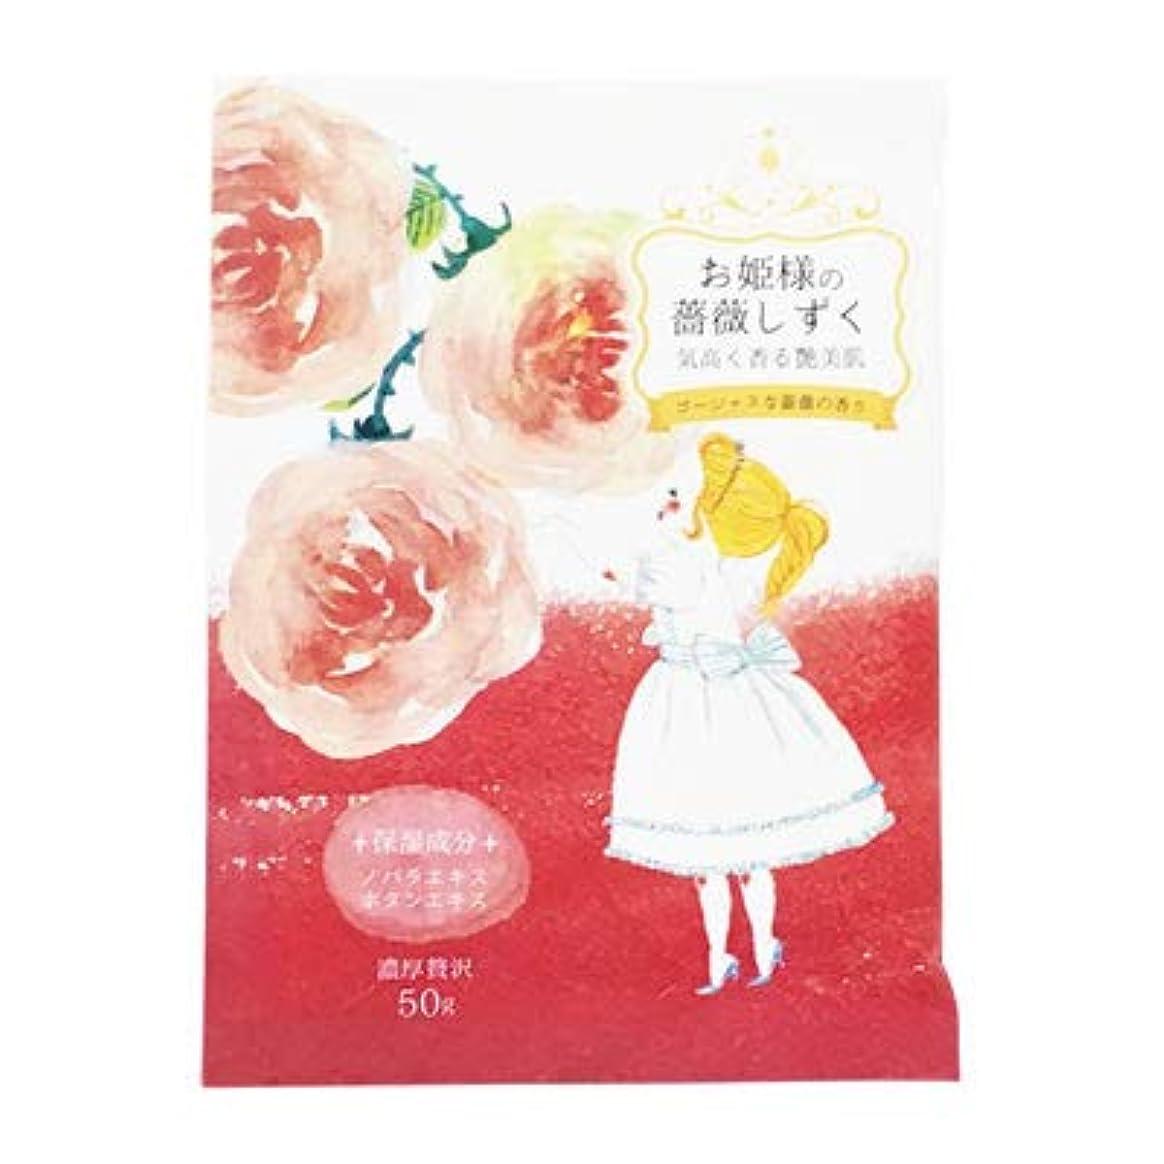 アーカイブ生き残りインペリアル【まとめ買い6個セット】 お姫様風呂 薔薇しずく